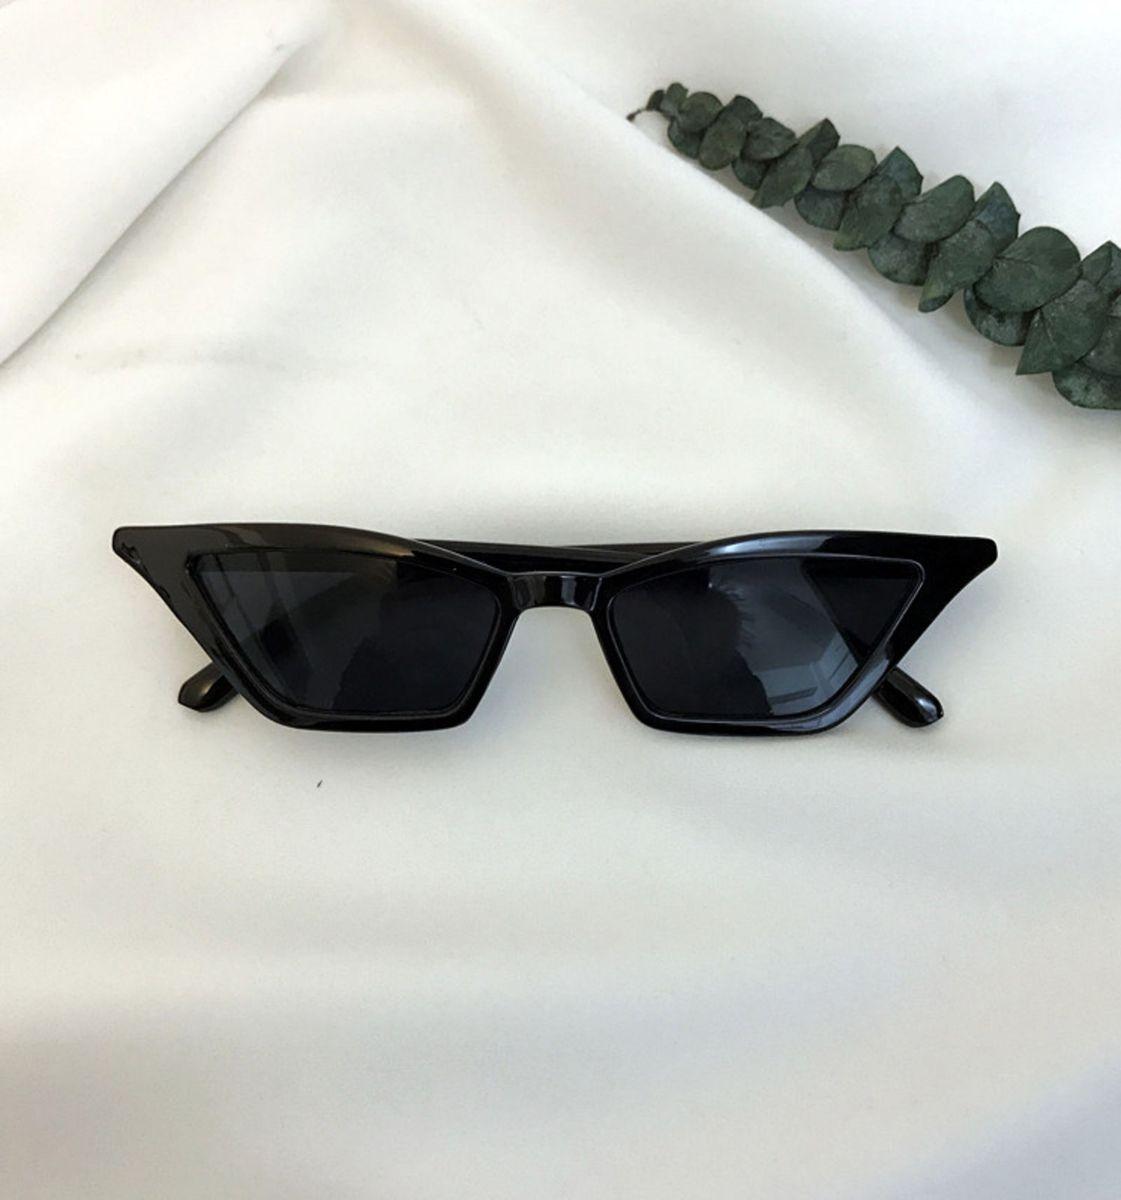 1914cee92 óculos de sol noir / cat eye gatinho vintage retrô mini acetato preto -  óculos sem